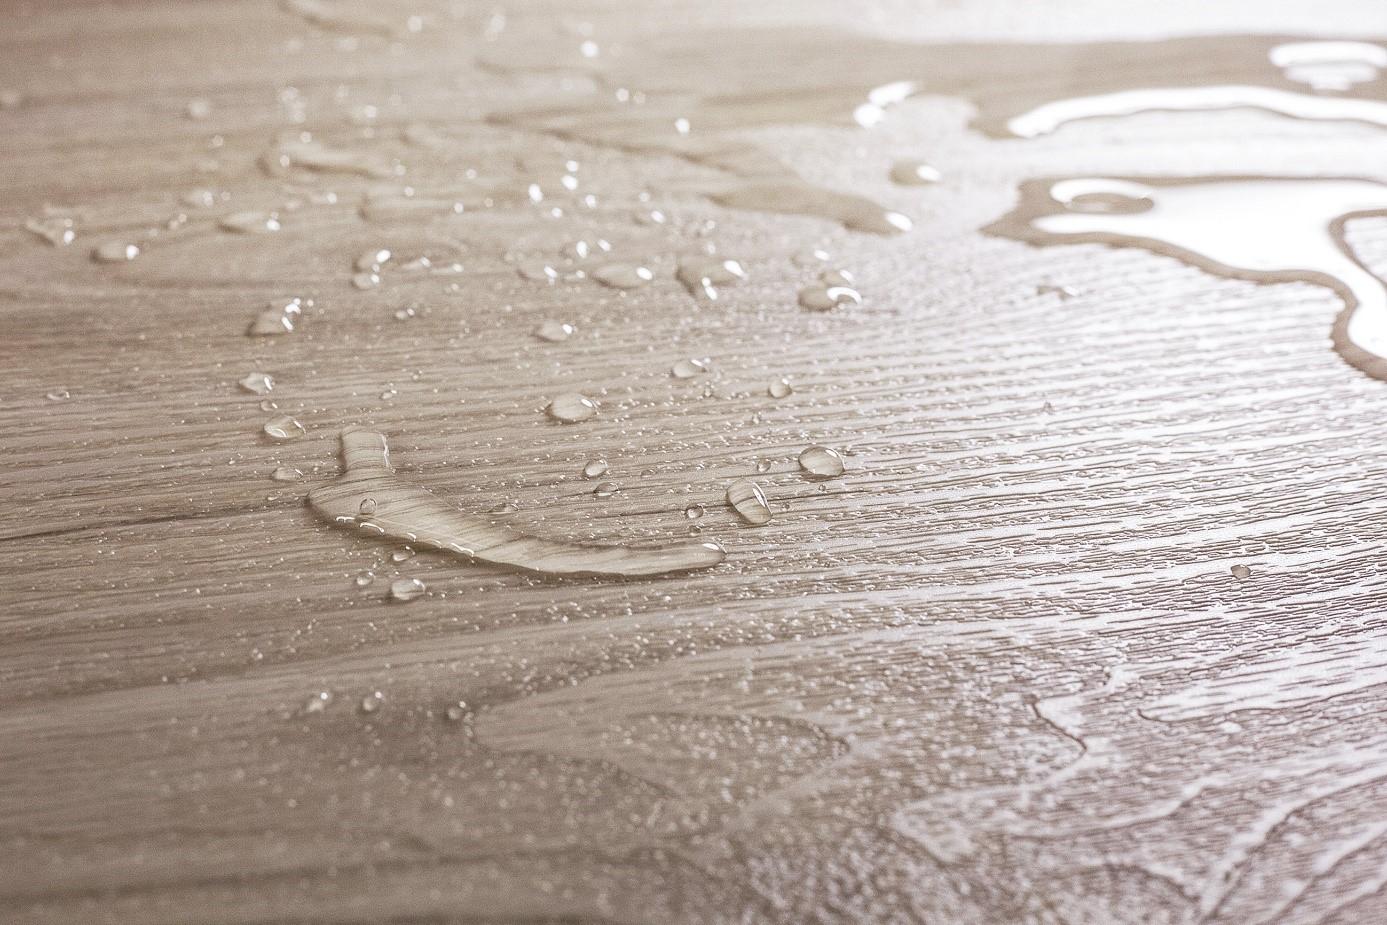 Schade aan de vloer door lekkage: dekt de verzekering alles? #vloer #schade #verzekering